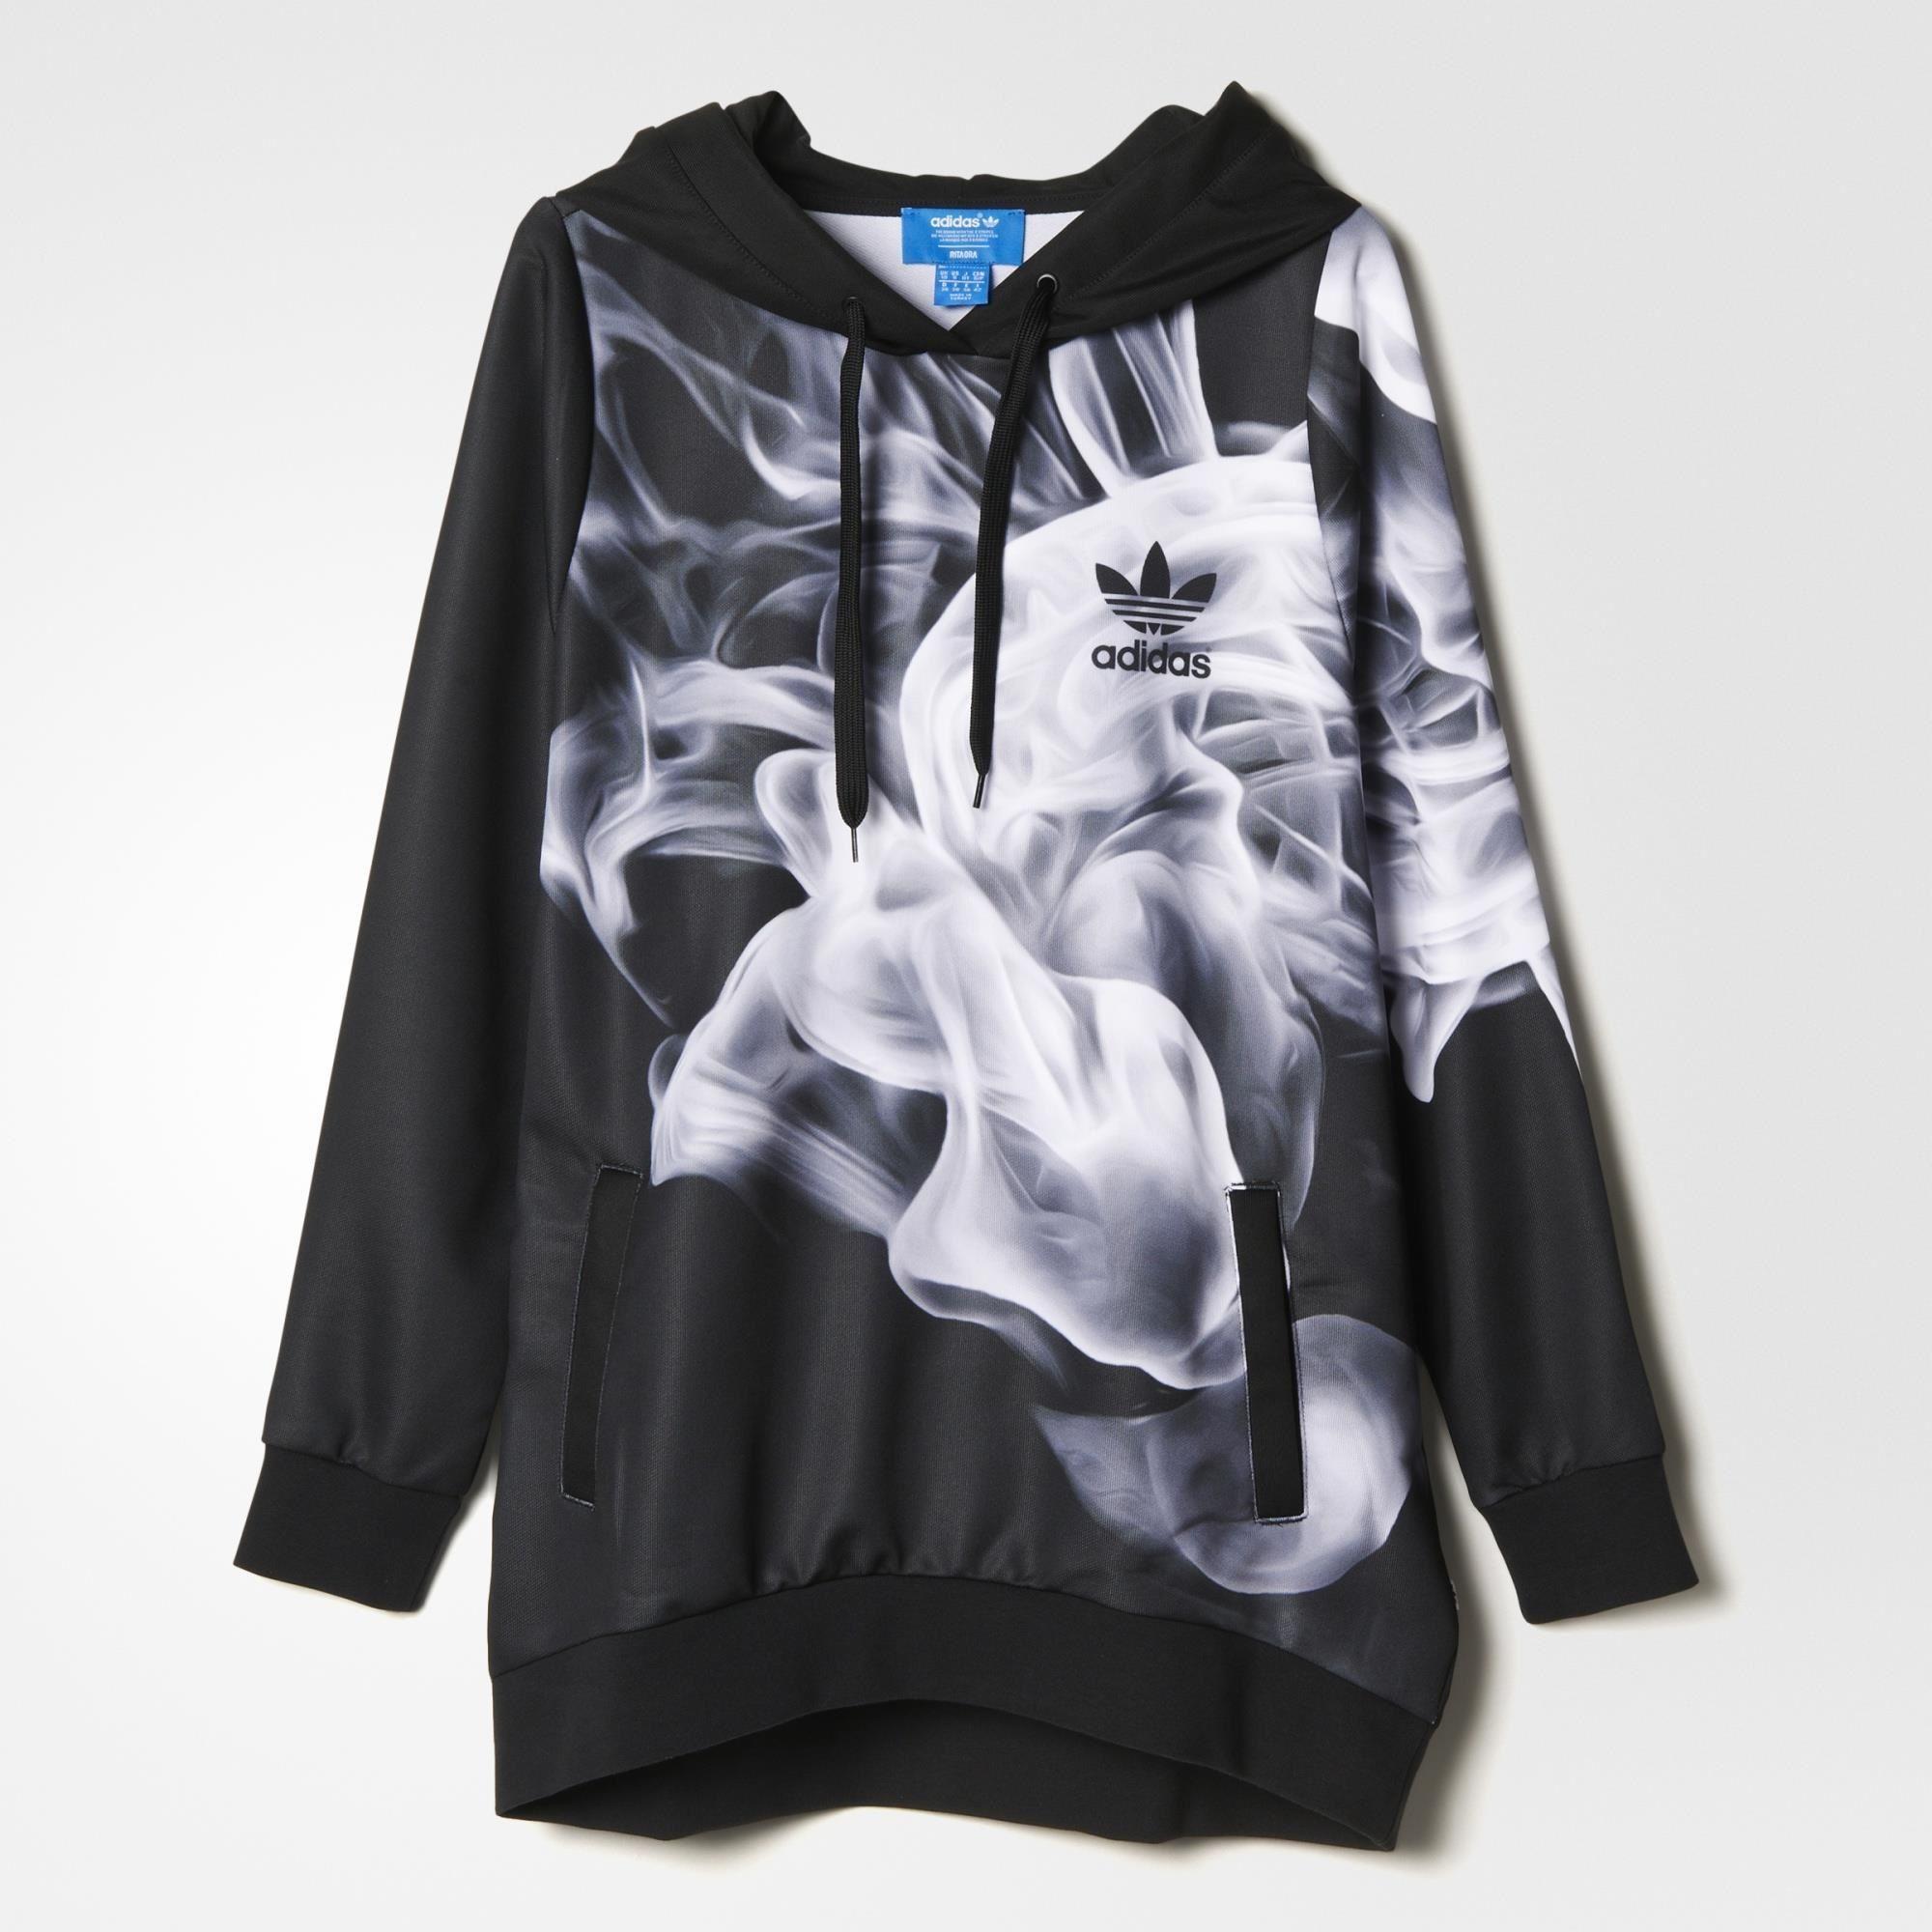 adidas - Chamarra con Gorro Originals White Smoke Rita Ora  3b959992b7f